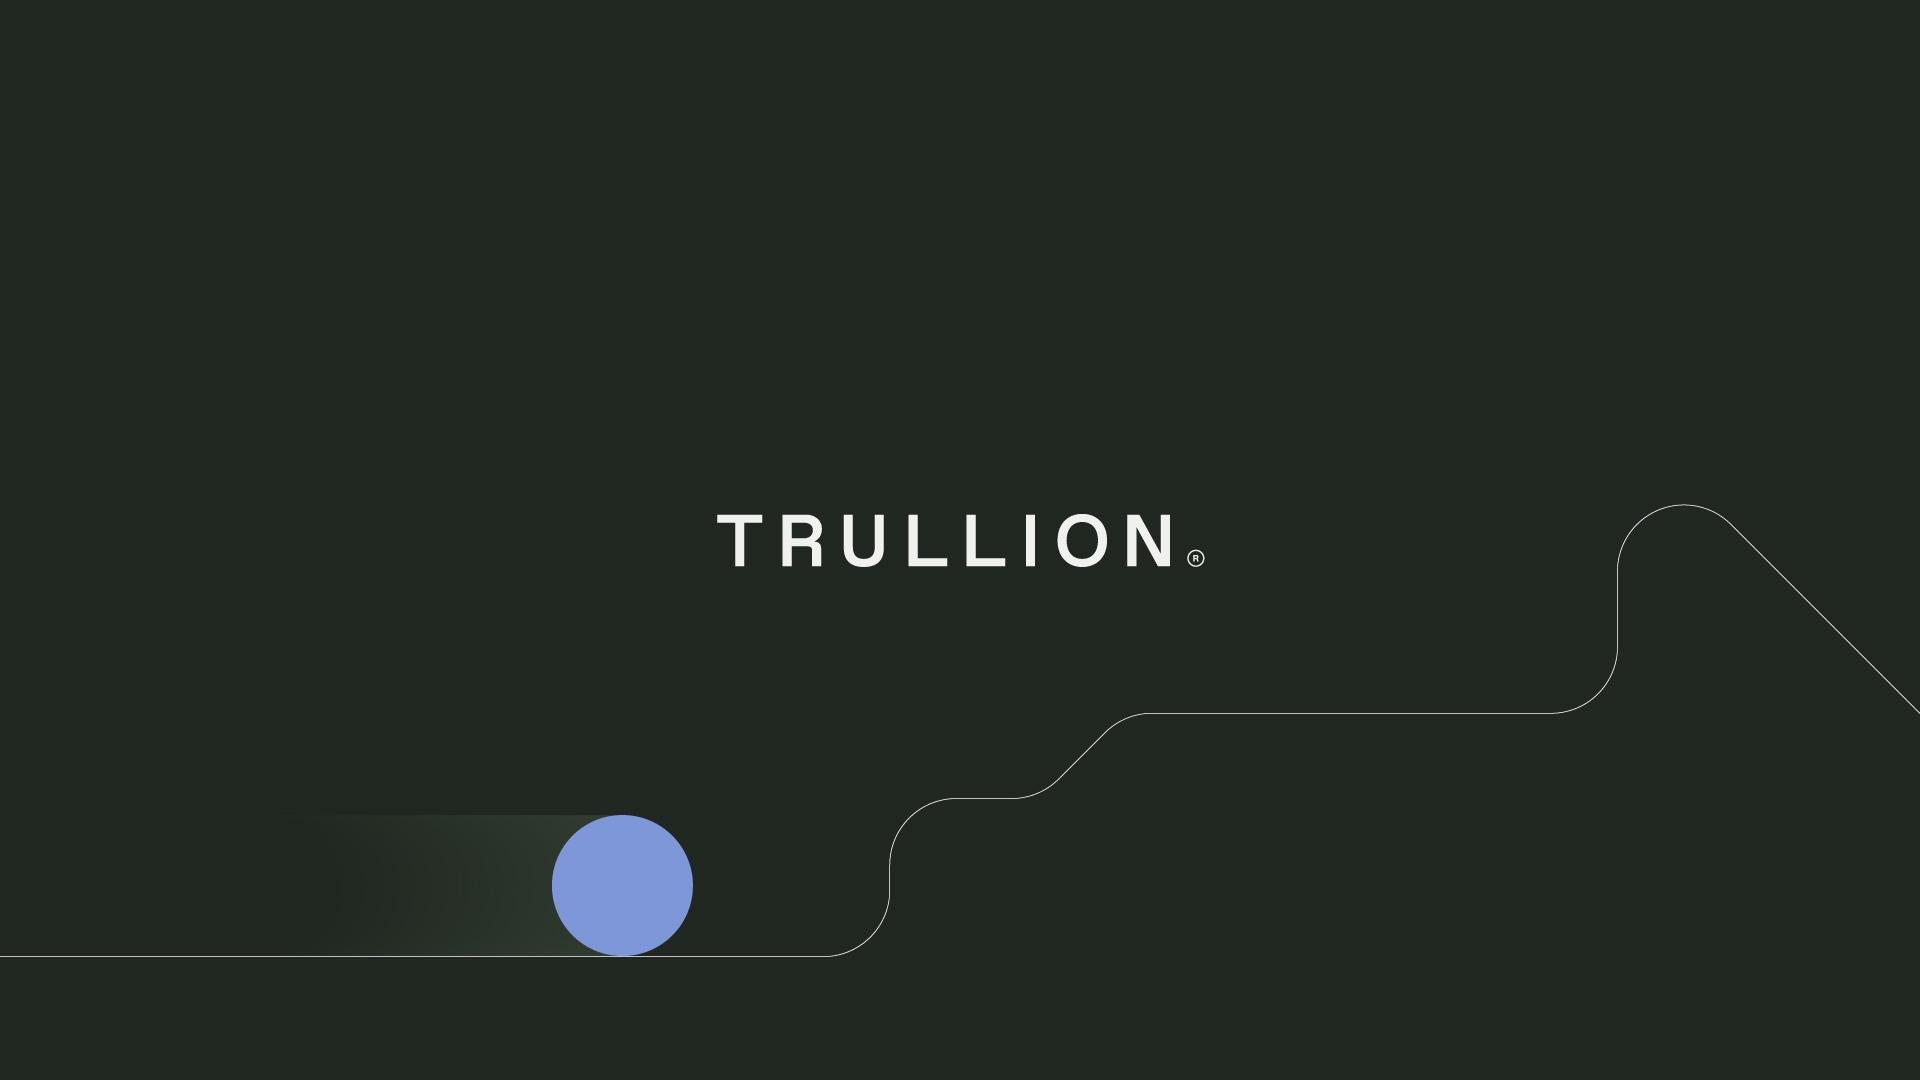 Trullion